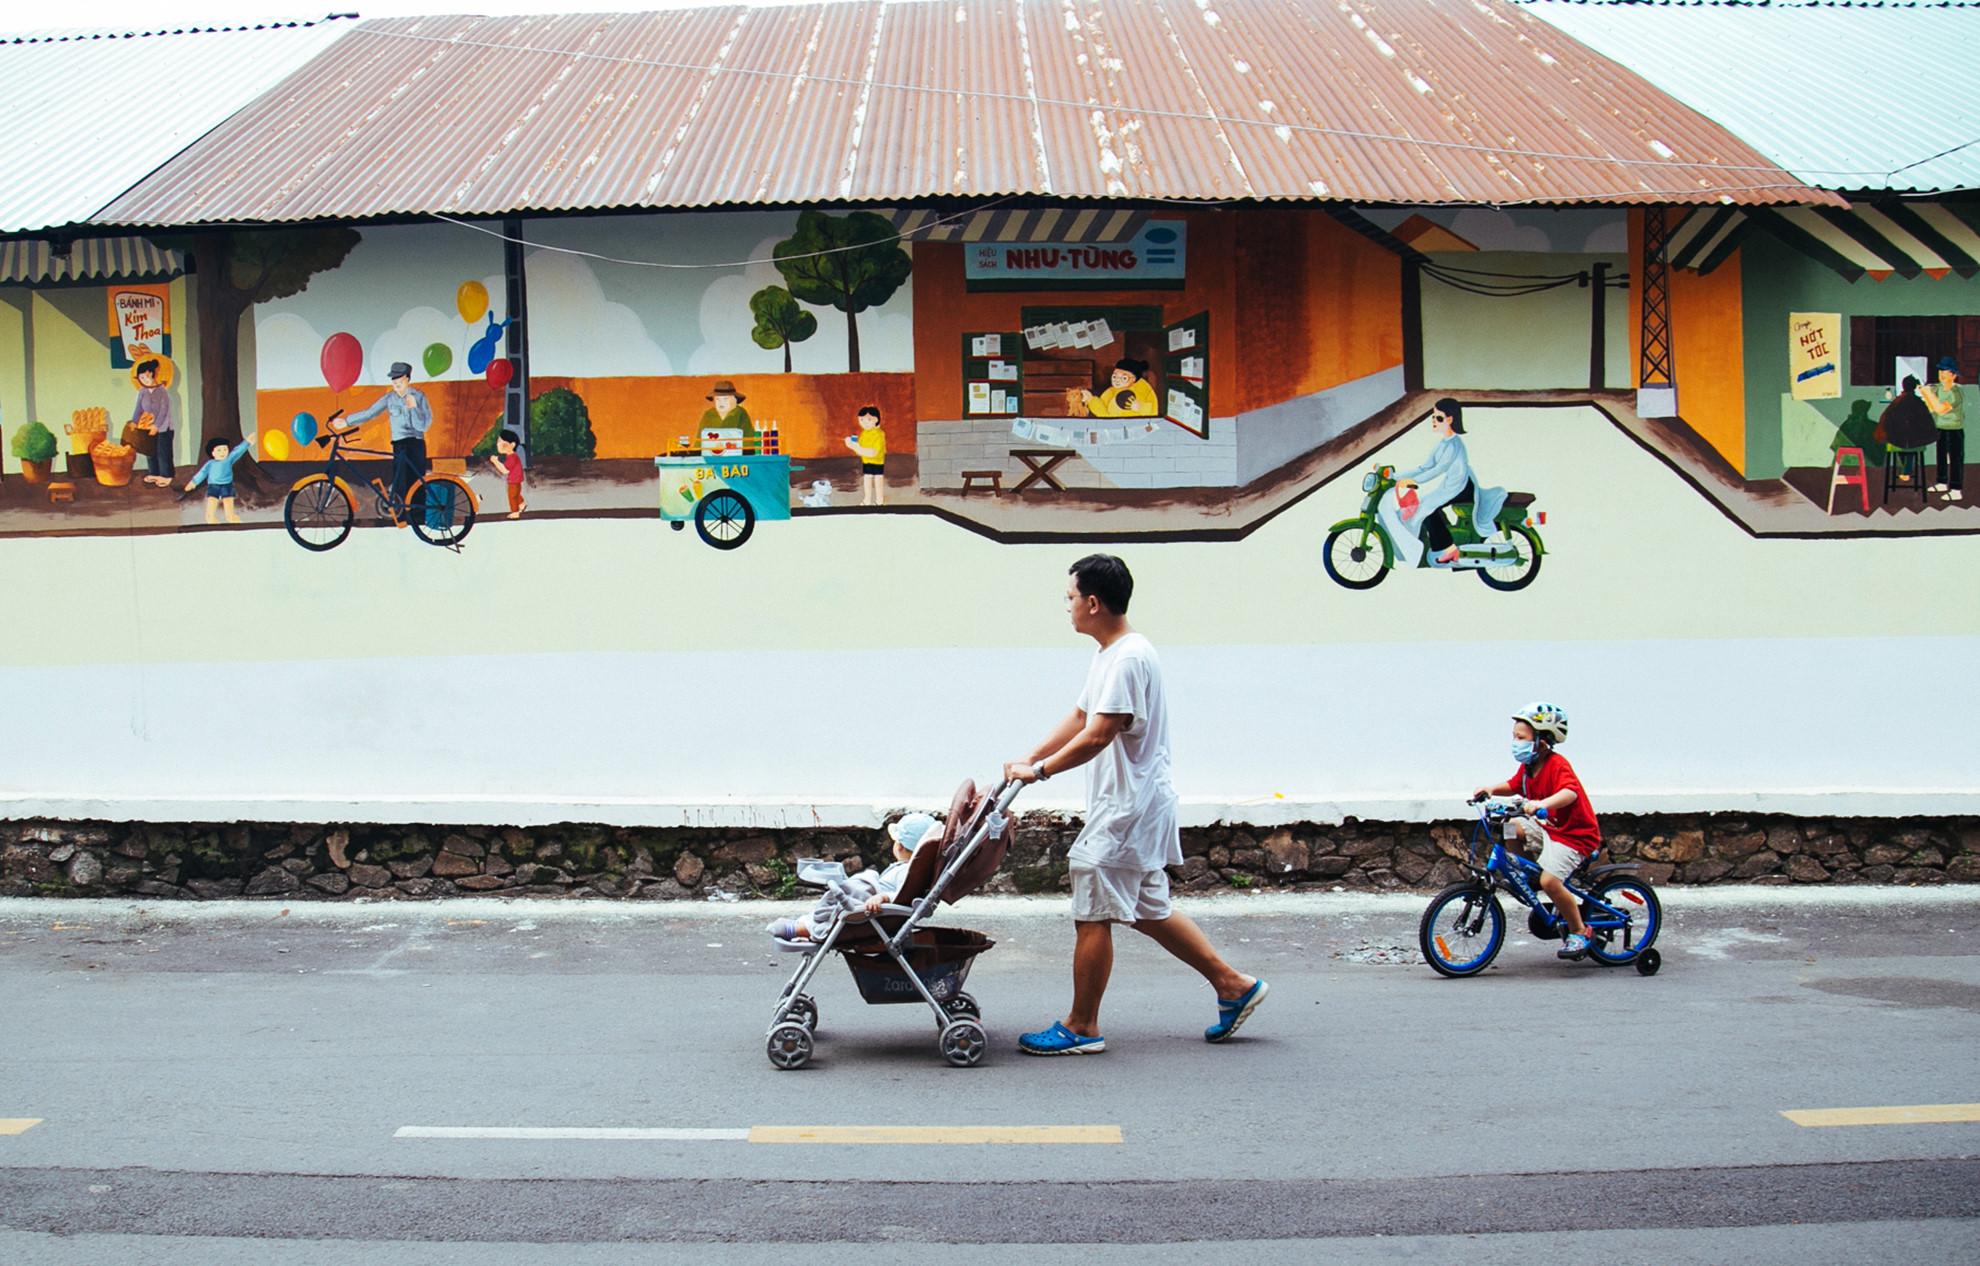 Cầu bộ hành Sài Gòn được phủ xanh, thu hút nhiều bạn trẻ Ảnh 10